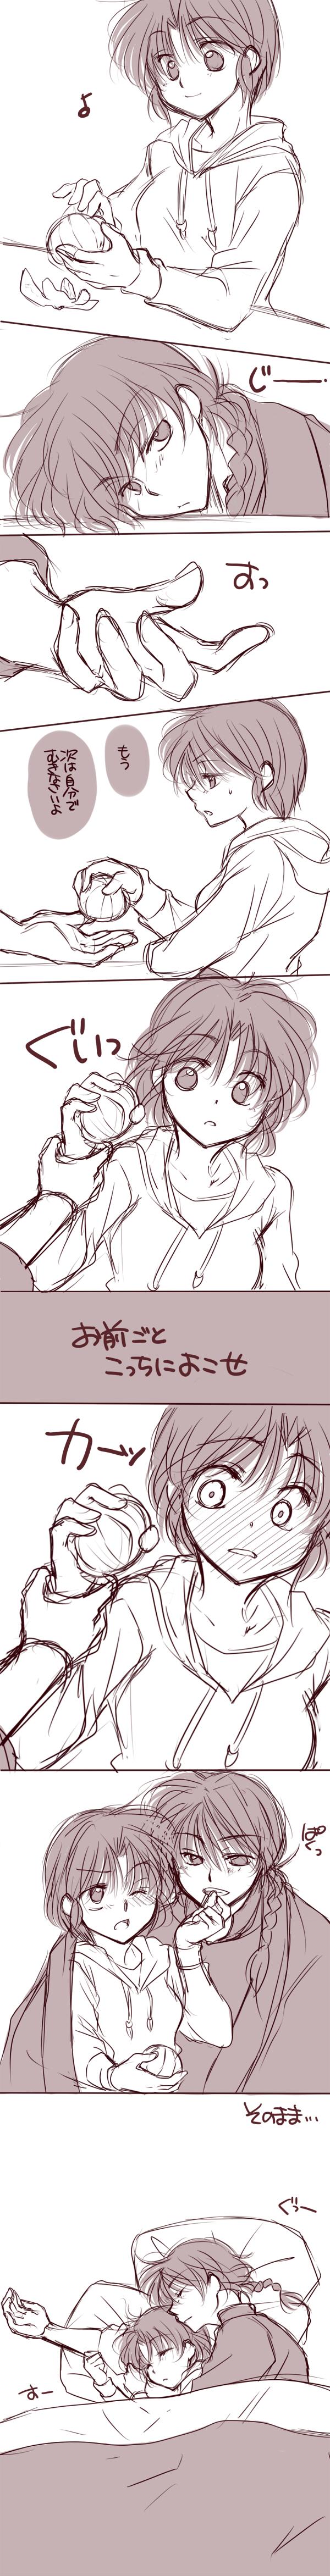 rana-manga004-2_20131222093808887.jpg